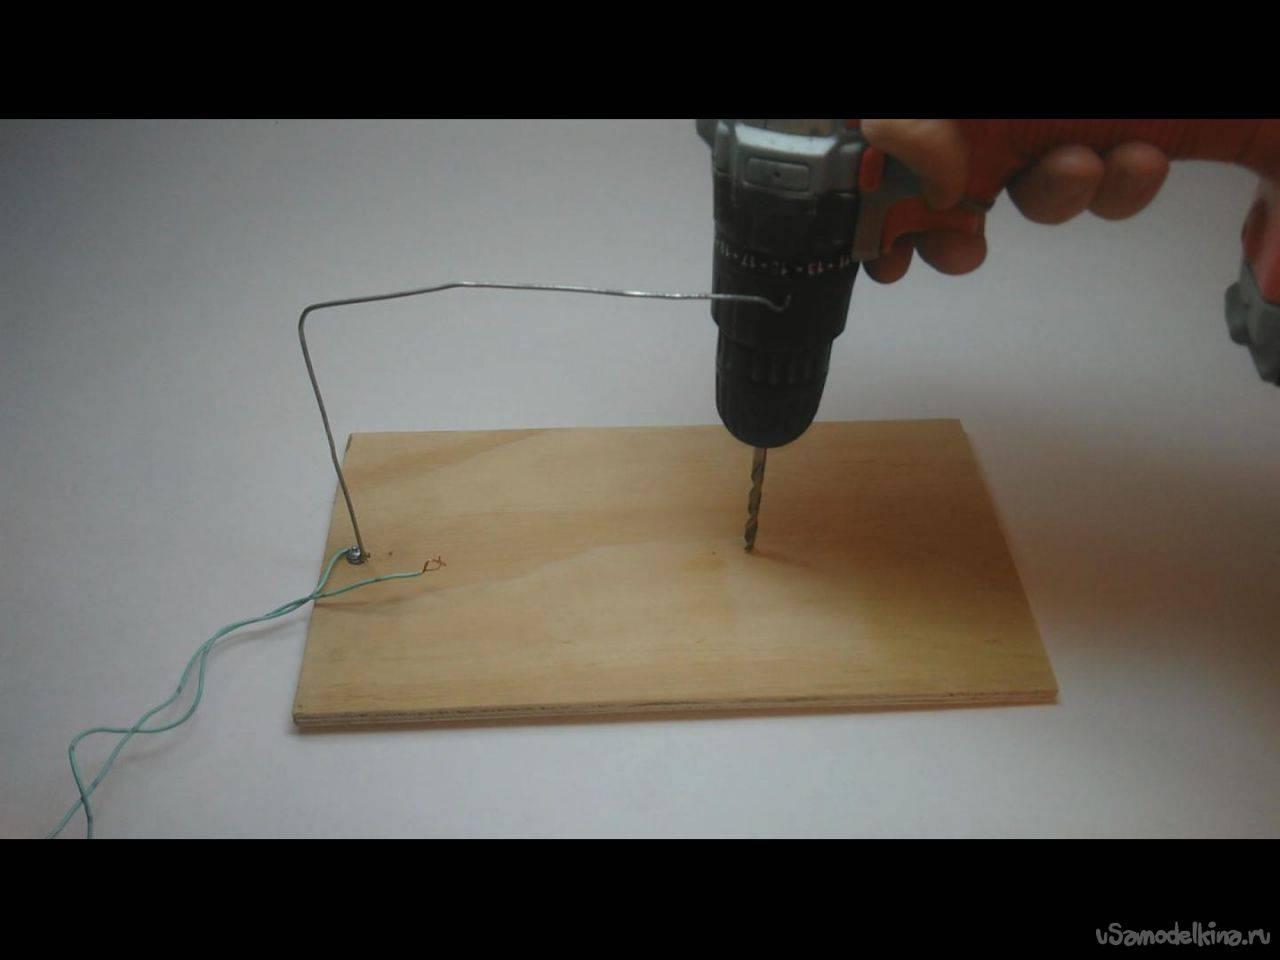 Станки для резки пенопласта делаем своими руками